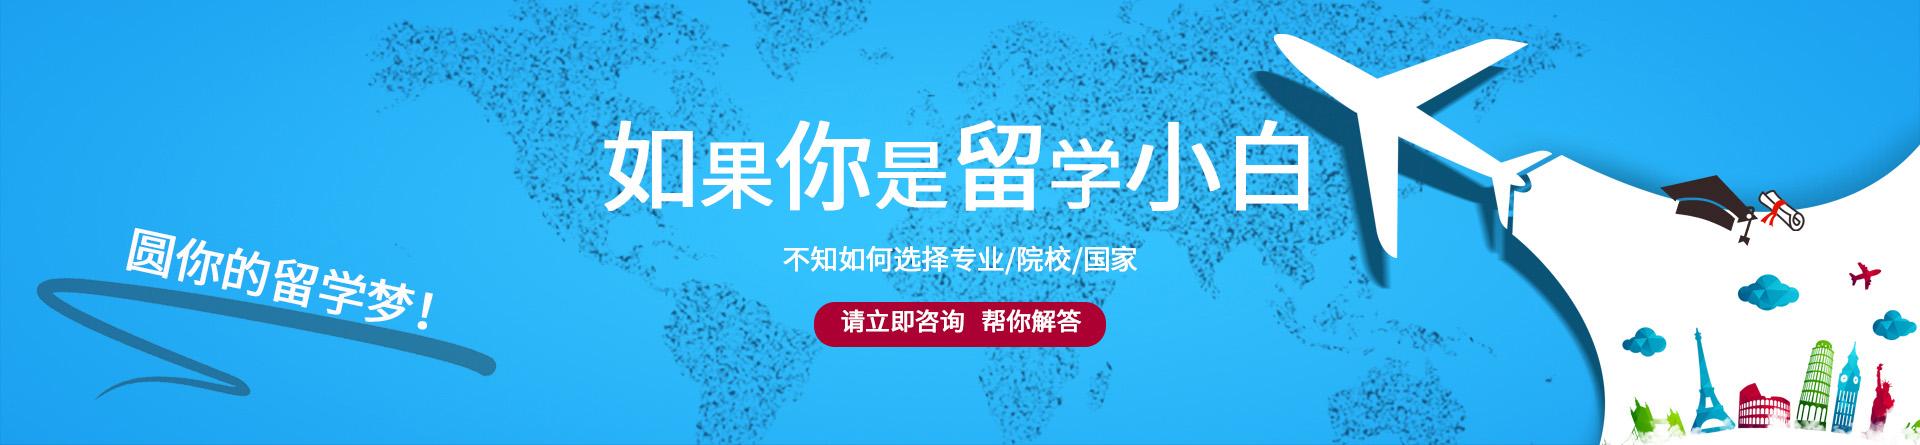 南京中山东路新航道英语培训